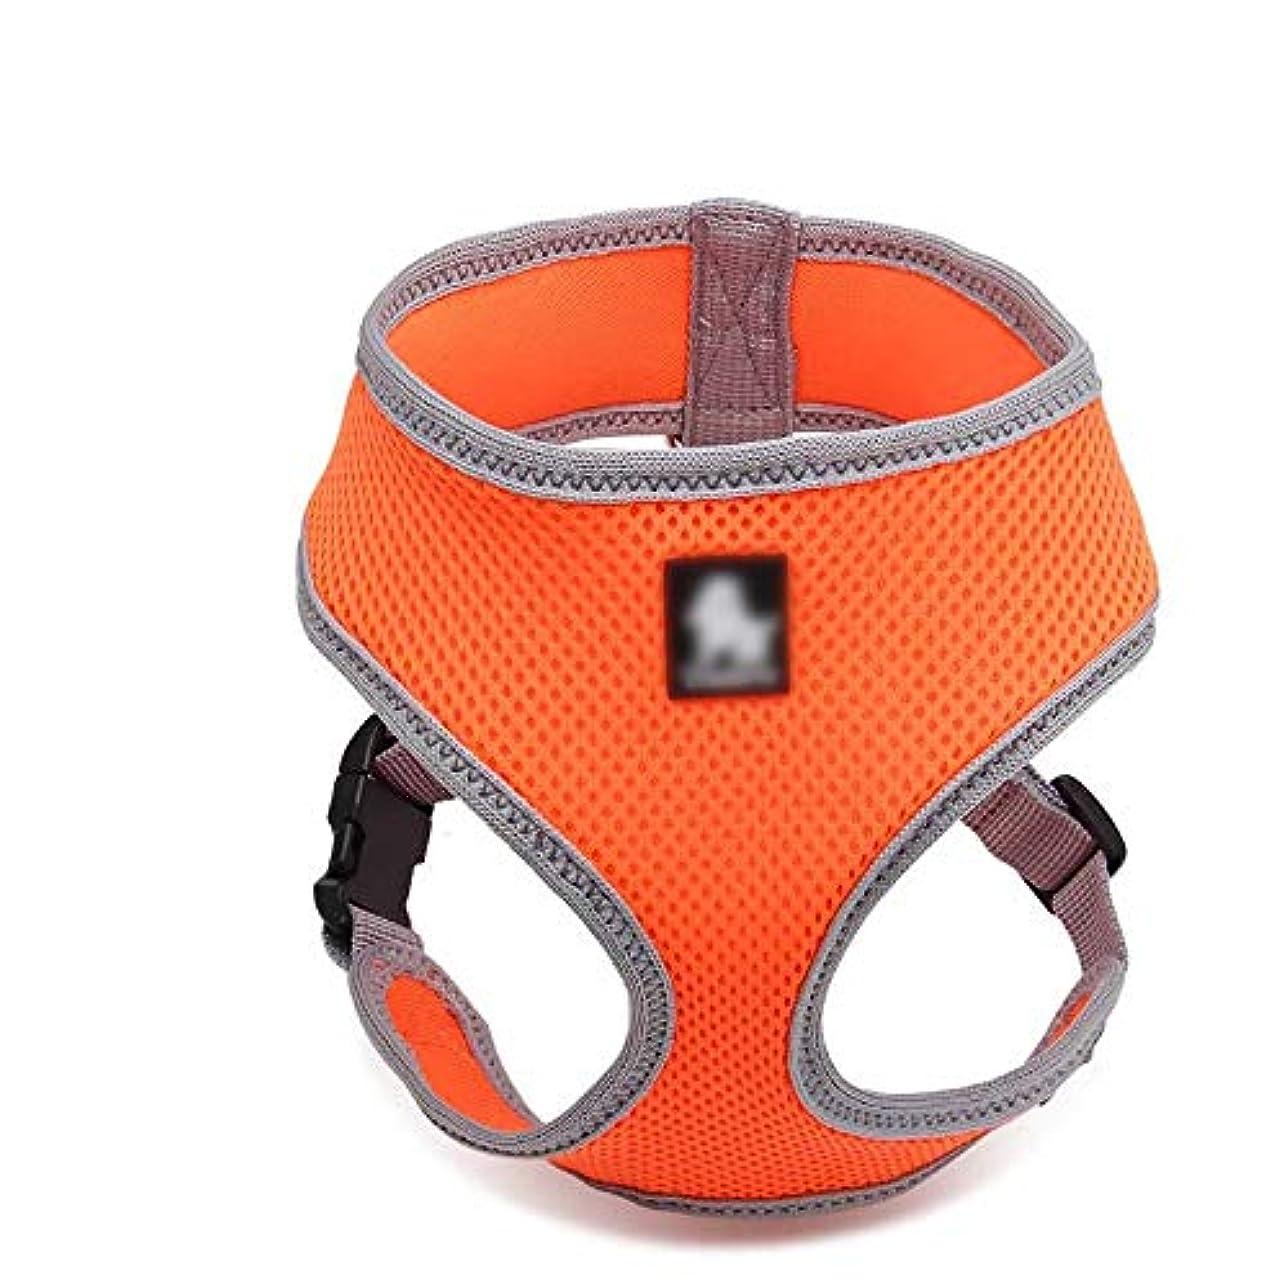 アルプス虎仮装WAKABAFK プル犬用ハーネス、着脱が簡単カラー調整可能なベスト (色 : オレンジ)